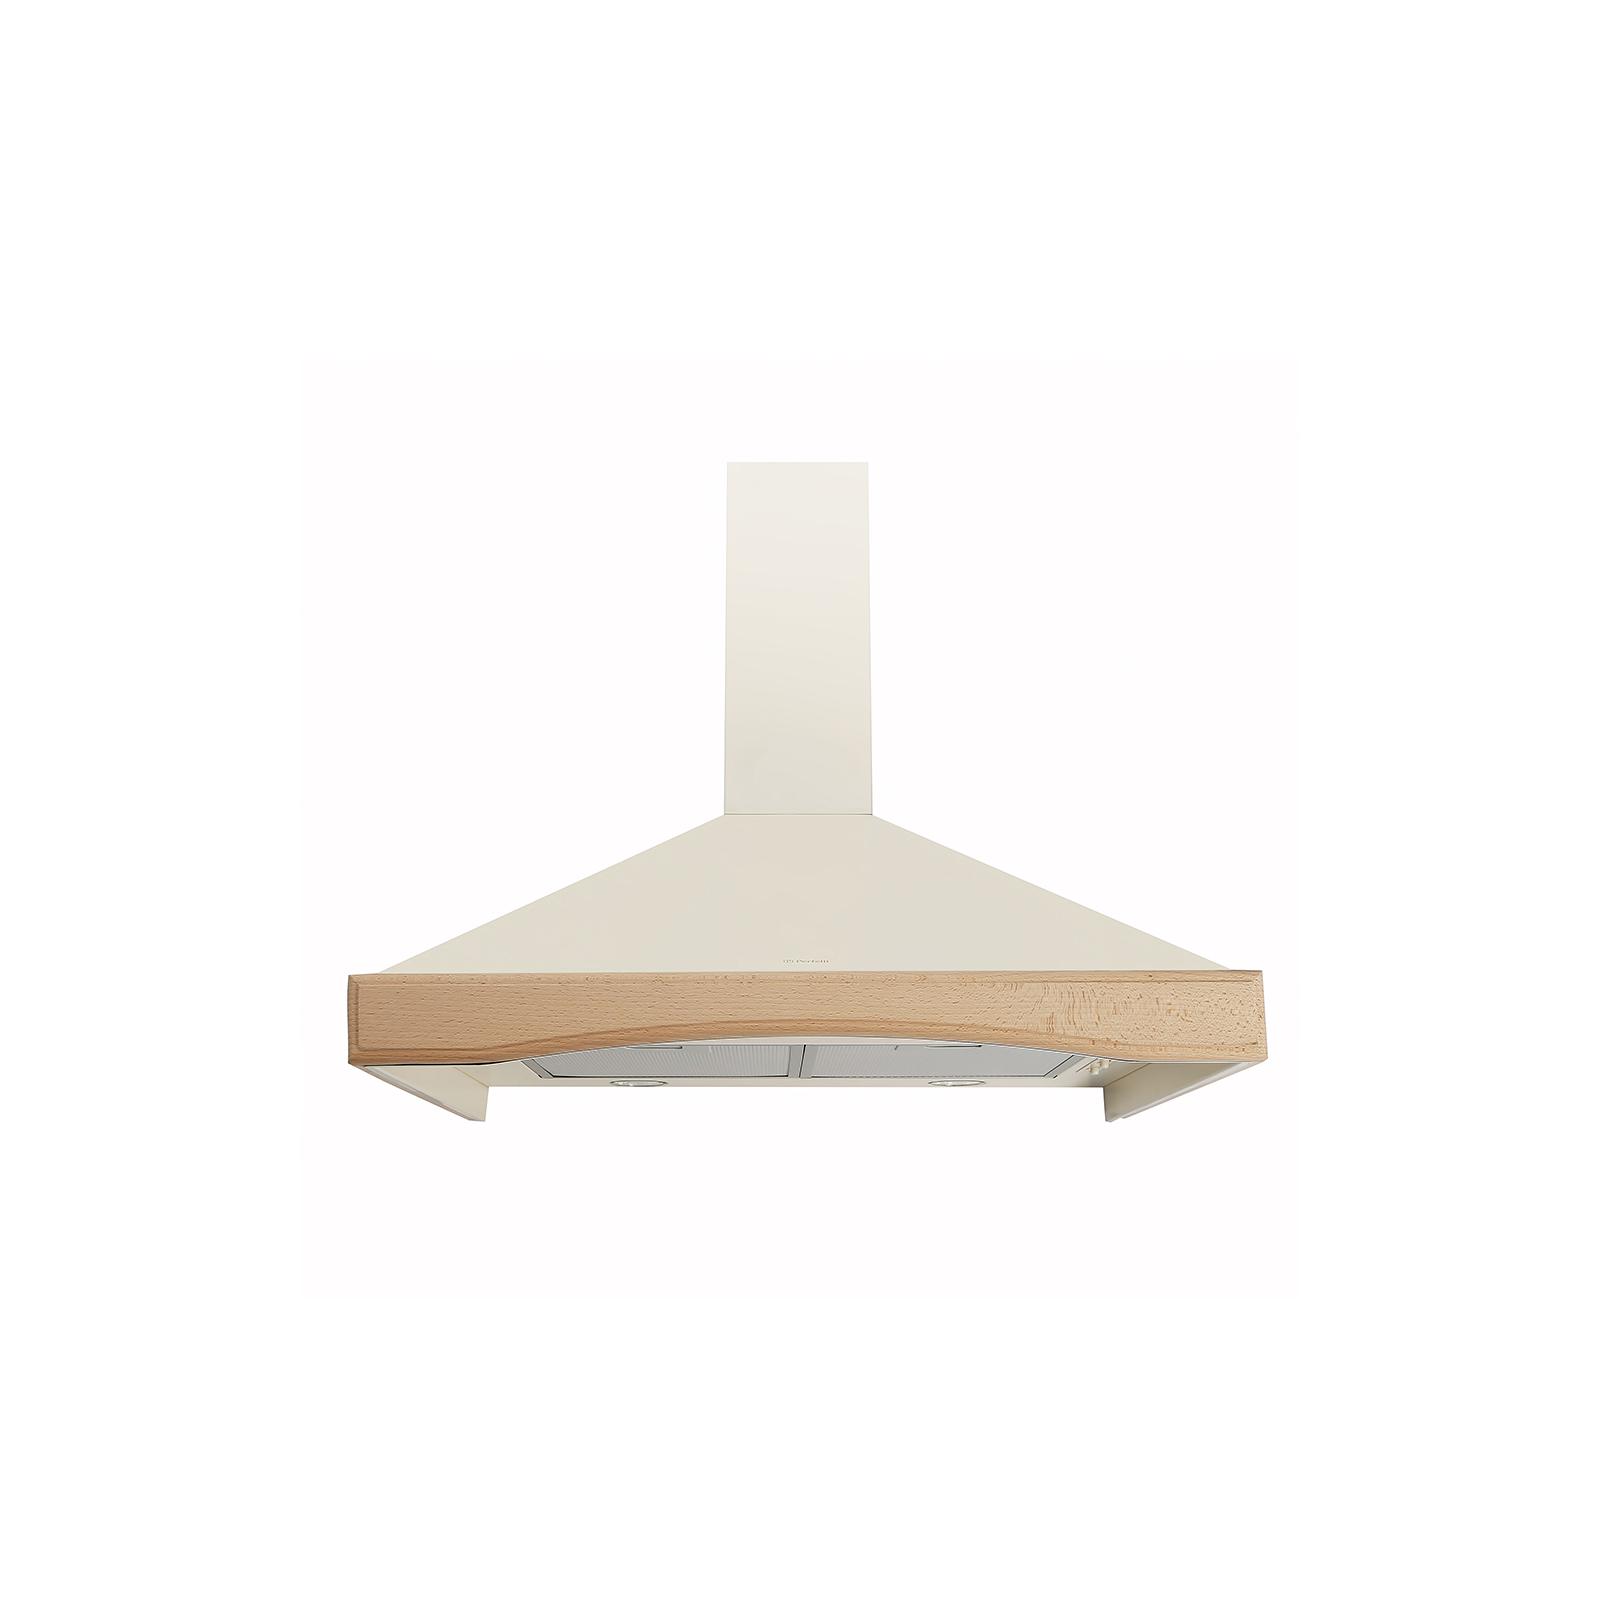 Вытяжка кухонная PERFELLI K 6121 IV Wood изображение 2